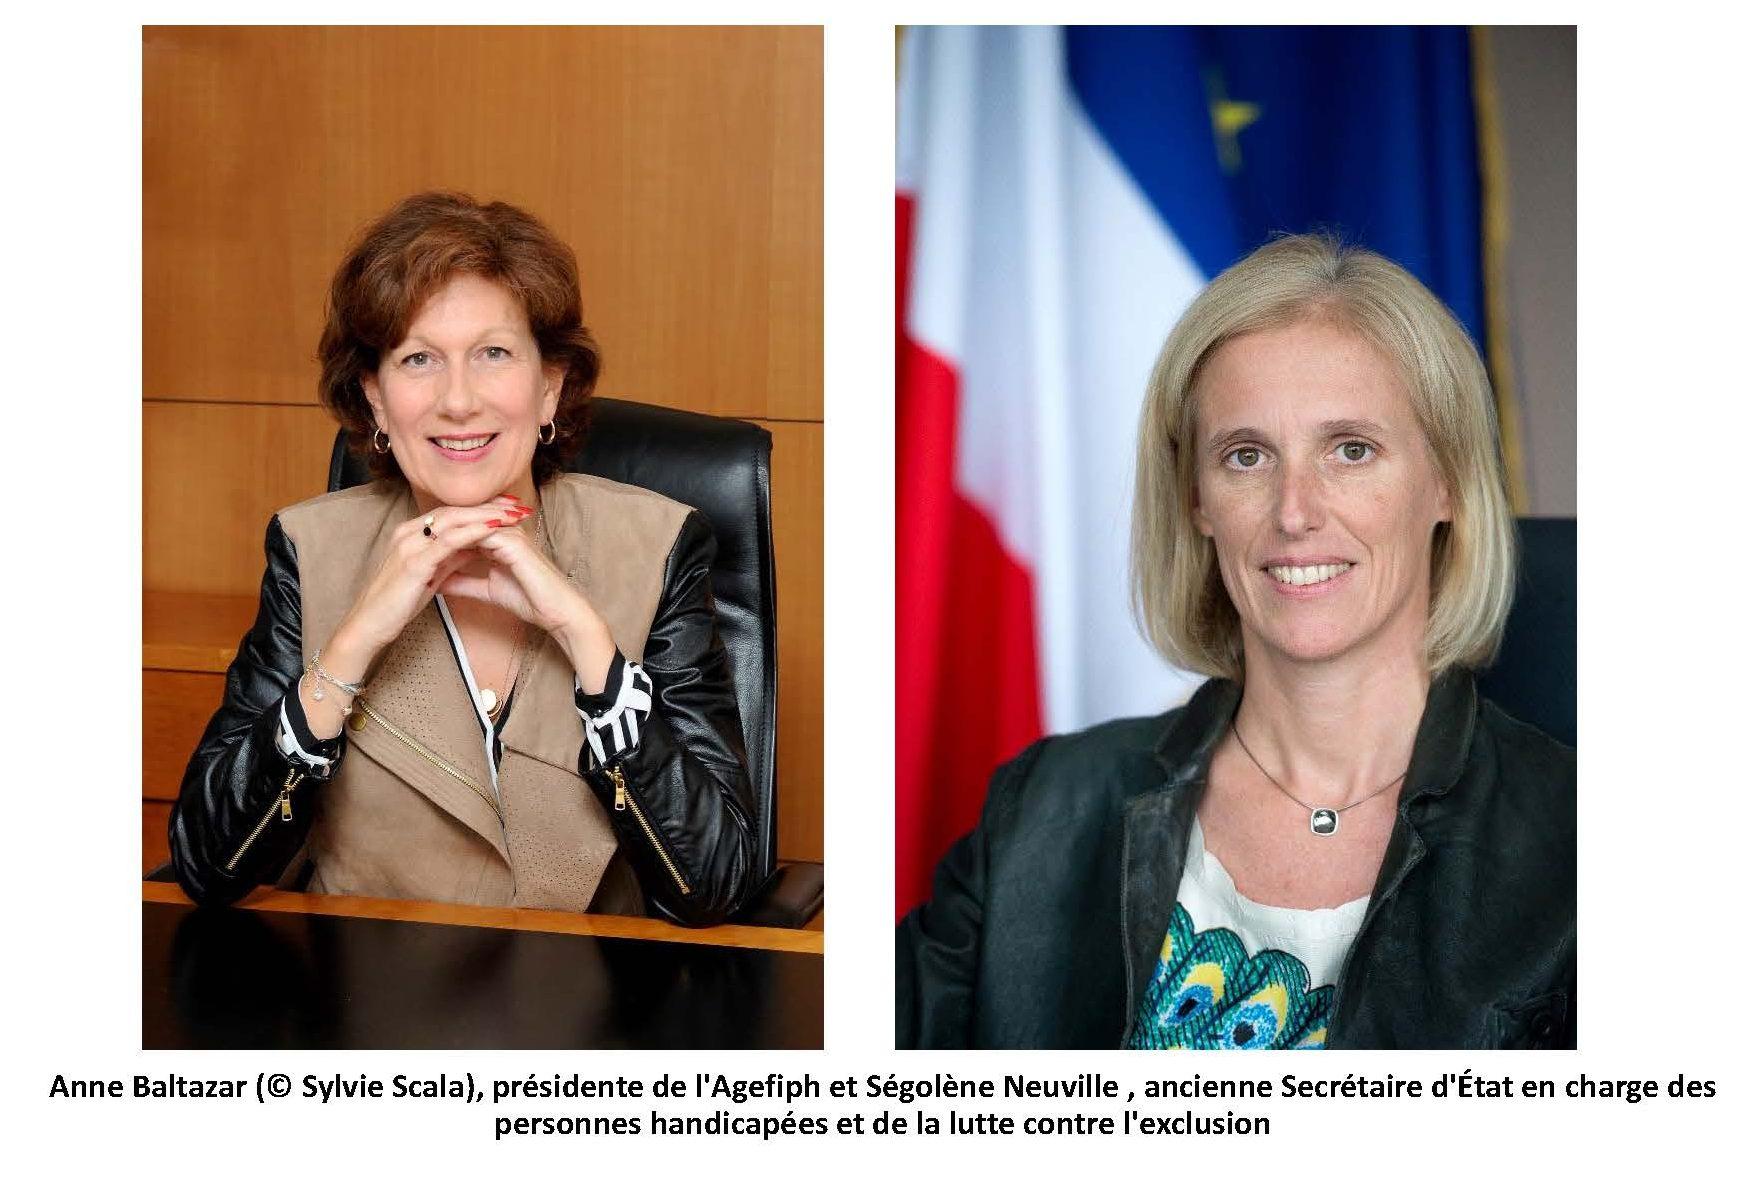 Ségolène Neuville et Anne Baltazar sur le Handicap